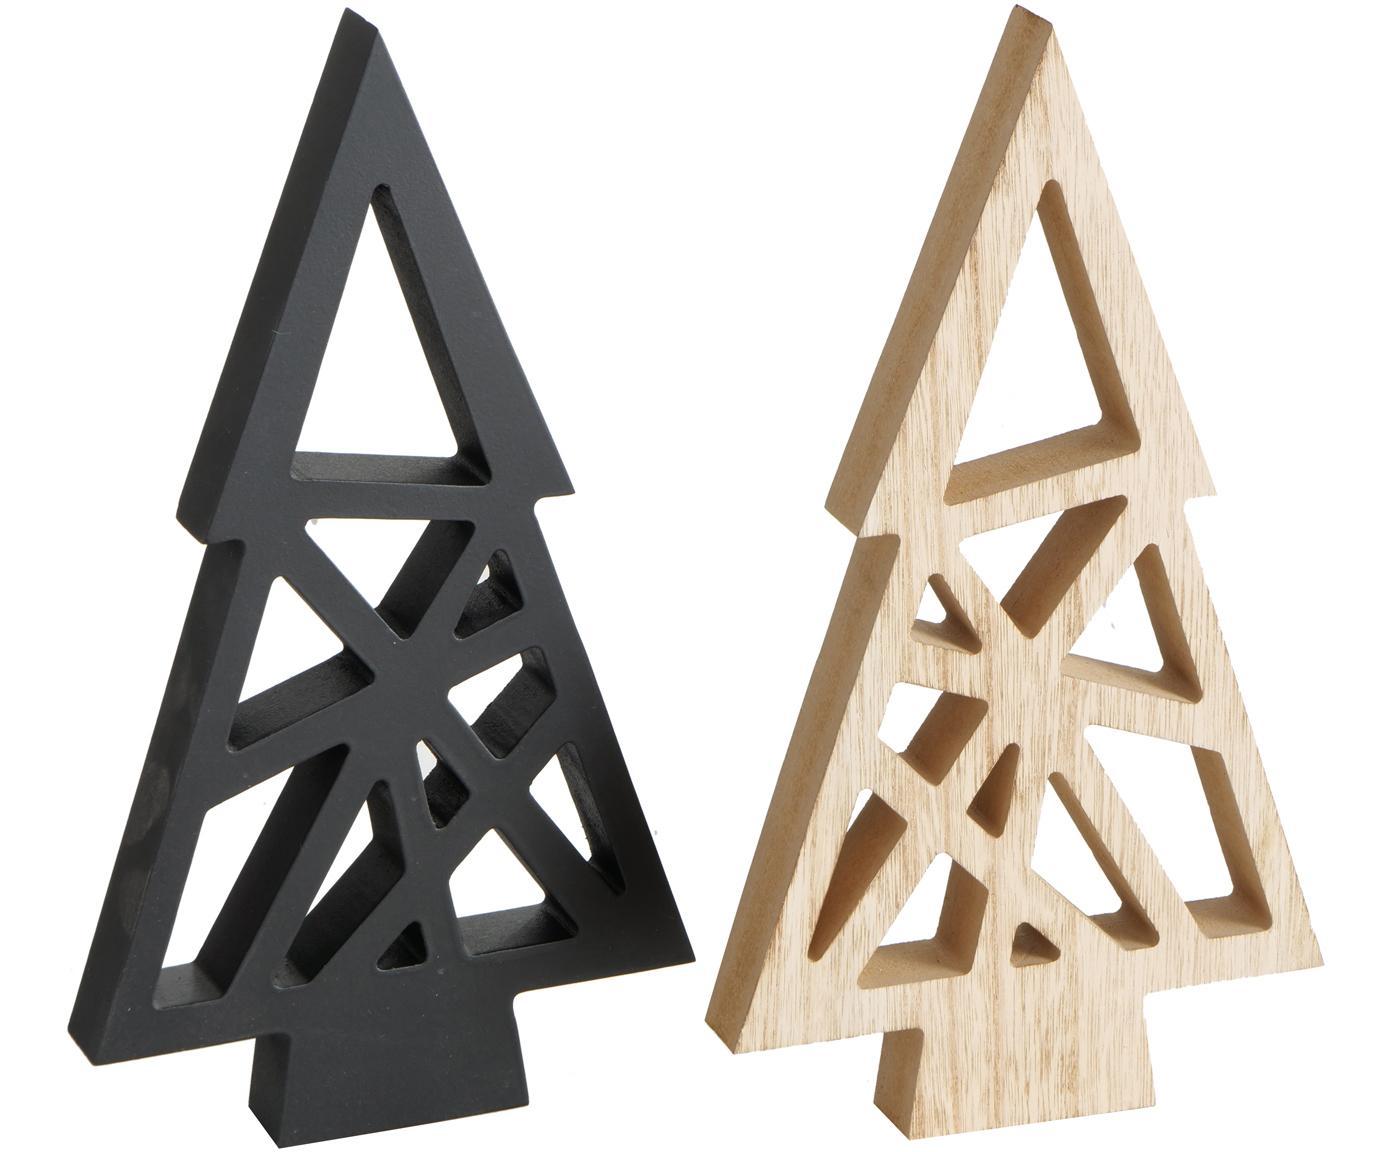 Komplet dekoracji Grafik, 2 elem., Drewno naturalne, Jasny brązowy, czarny, S 17 x W 30 cm